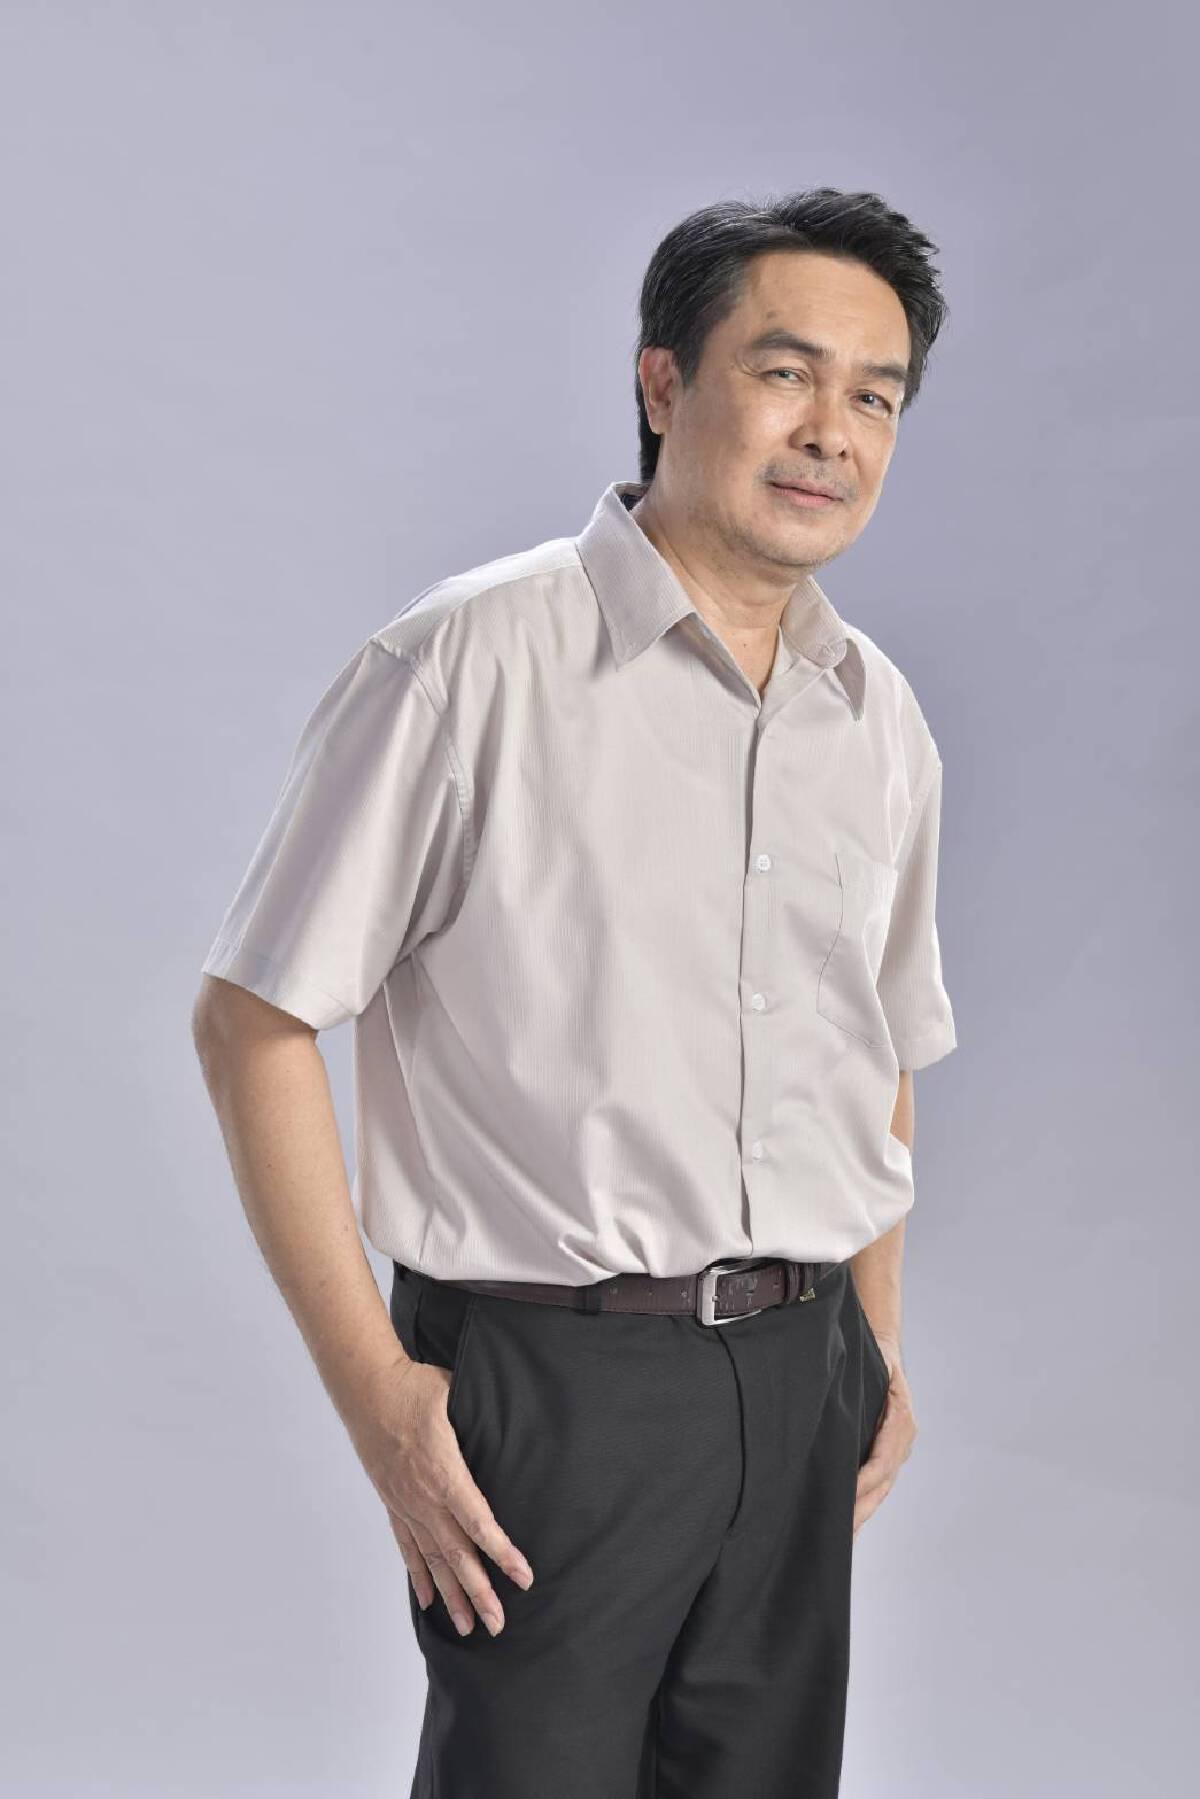 จิ๊บ เฉลิมพร นักแสดงรุ่นใหญ่ ติดเชื้อโควิด-19